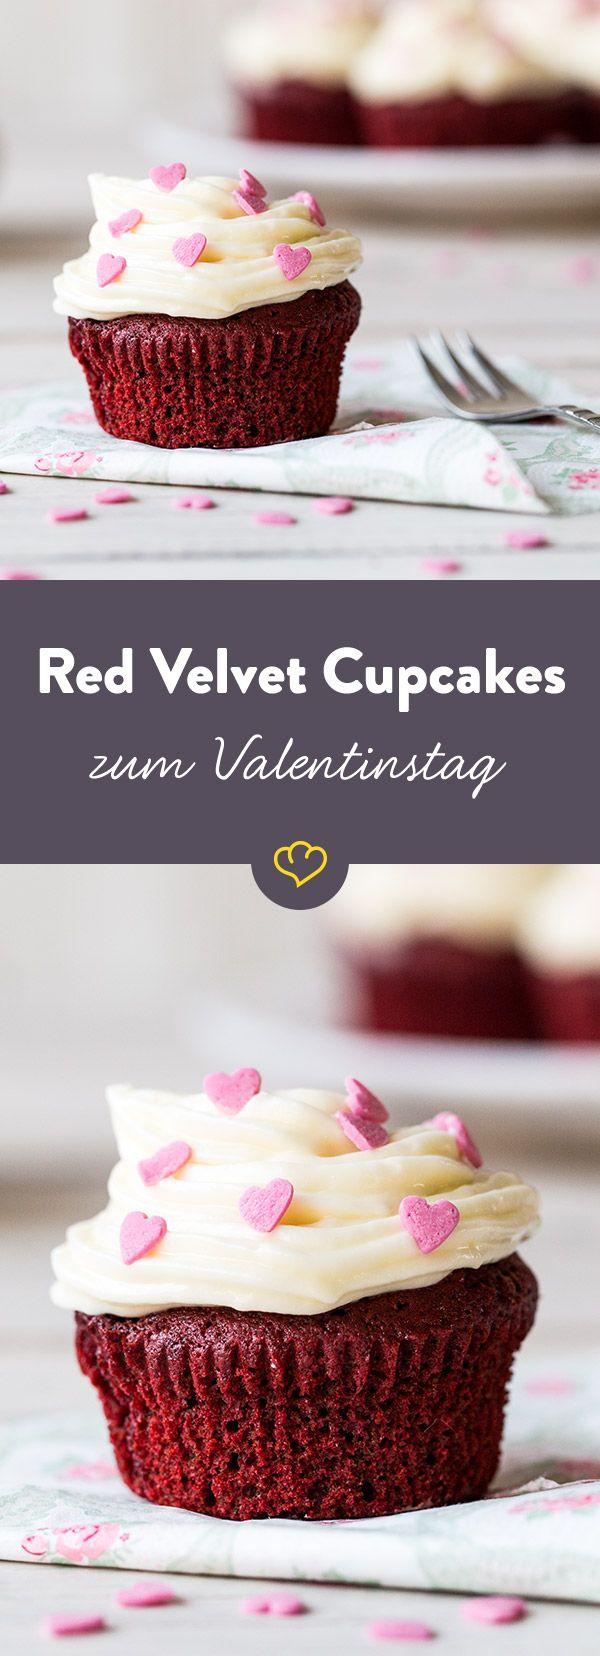 Red Velvet Cupcakes #cupcakesrezepte